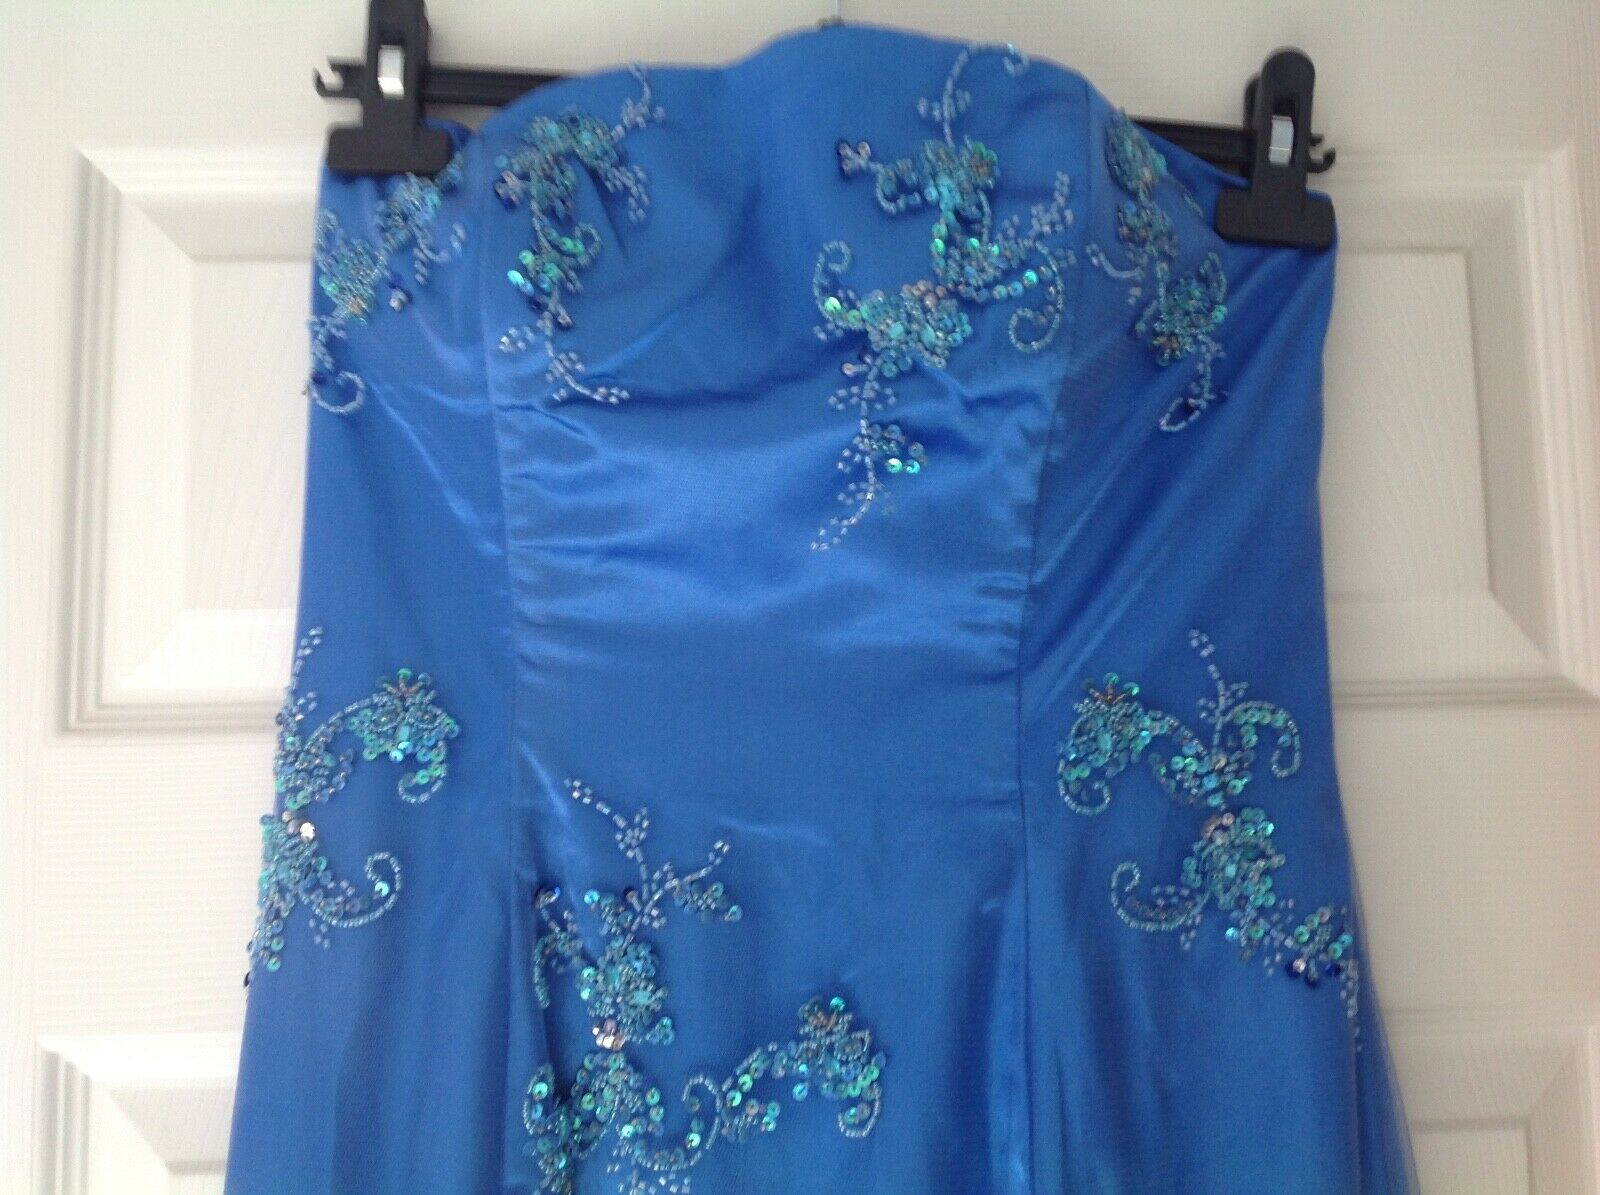 BELLISSIMO ballo abito da ballo Royal blu con Perline STECCATO Fishtail Maxi Abito